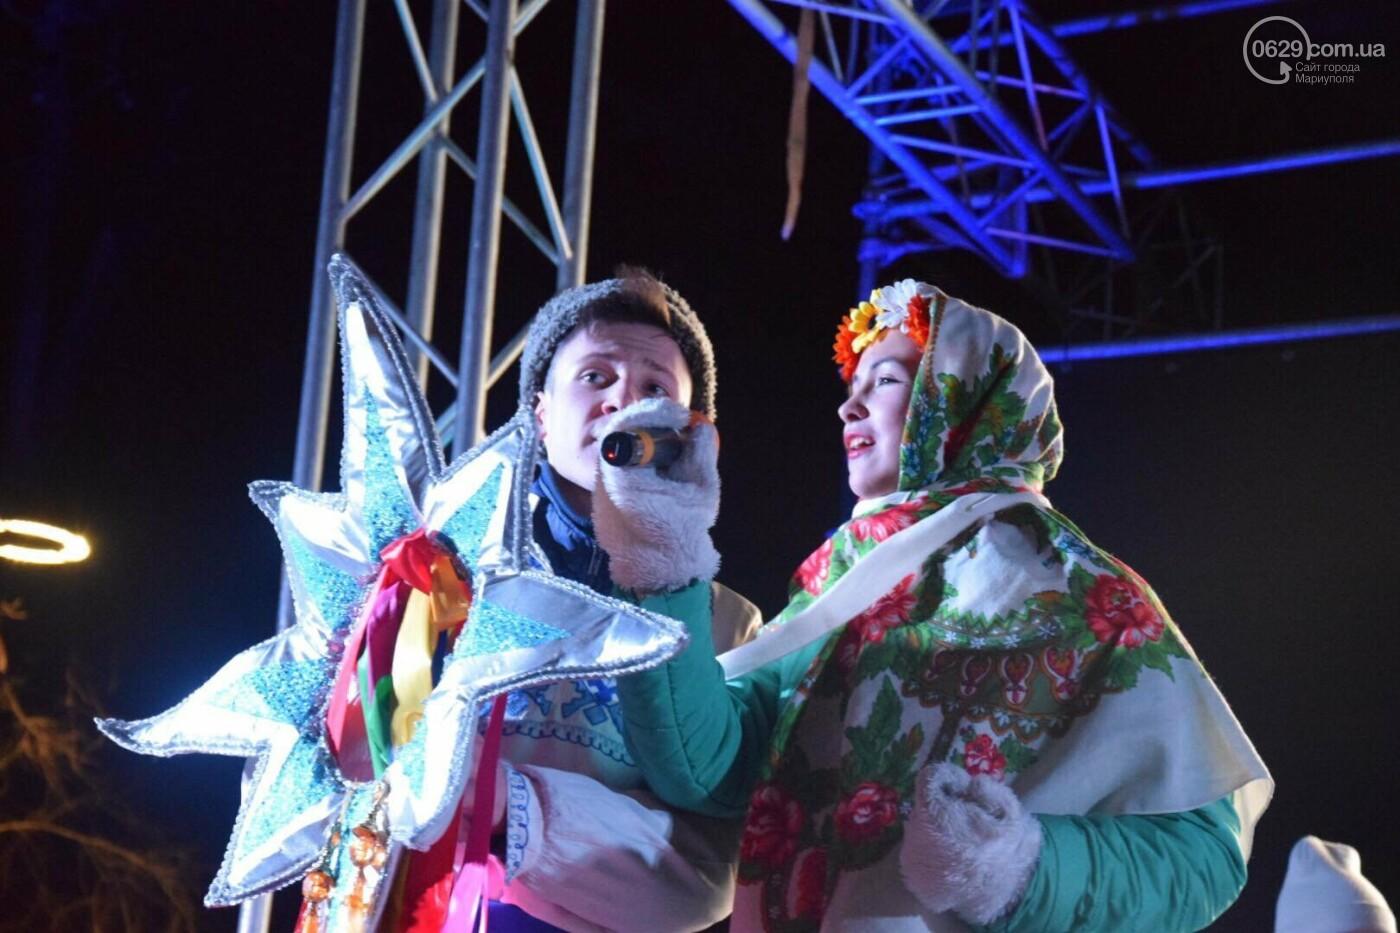 Мариупольцы отметили католическое Рождество, - ФОТО, ВИДЕО, фото-9